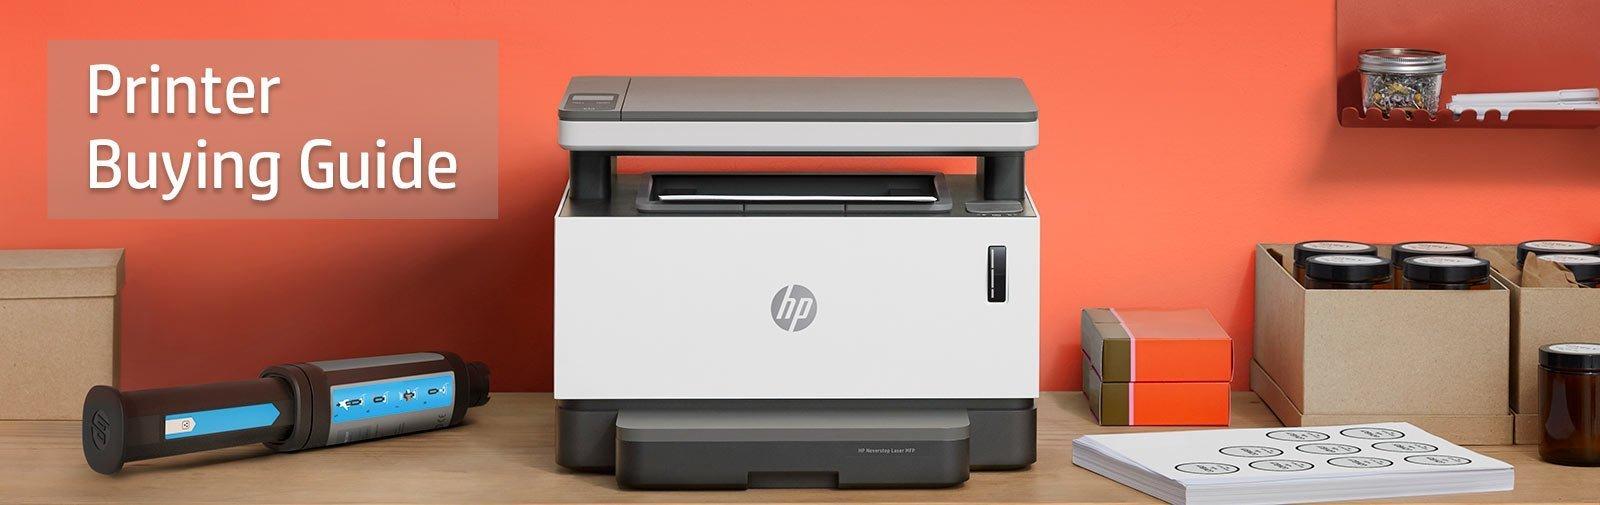 Panduan Membeli Printer untuk penggunaan di rumah atau bisnis